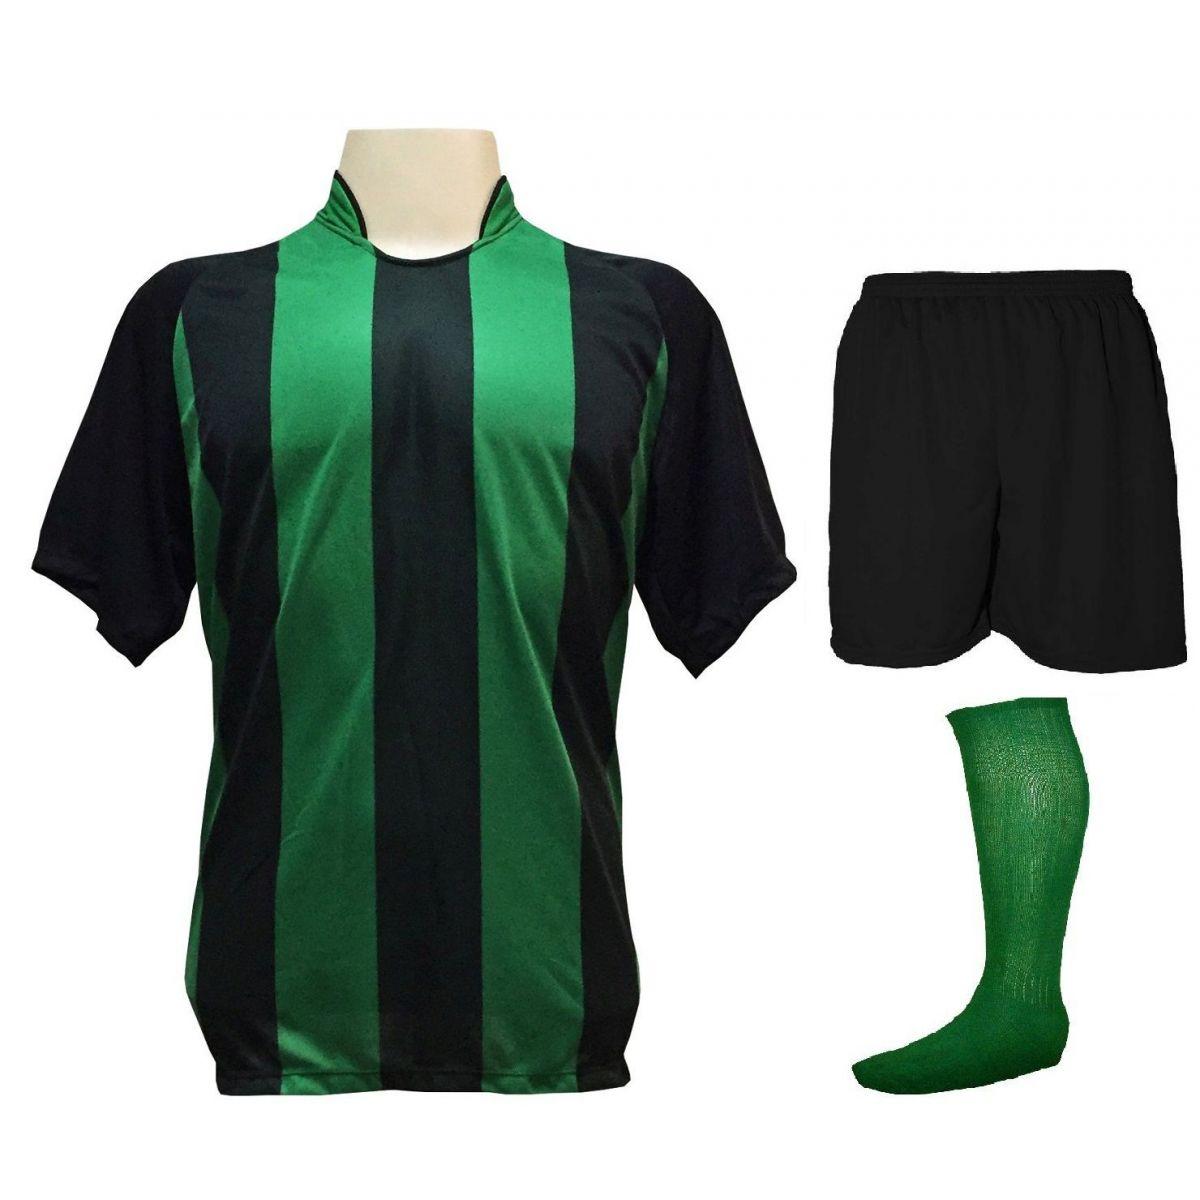 Uniforme Esportivo com 20 camisas modelo Milan Preto Verde + 20 calções  modelo Madrid Preto ... d69ba3447b504